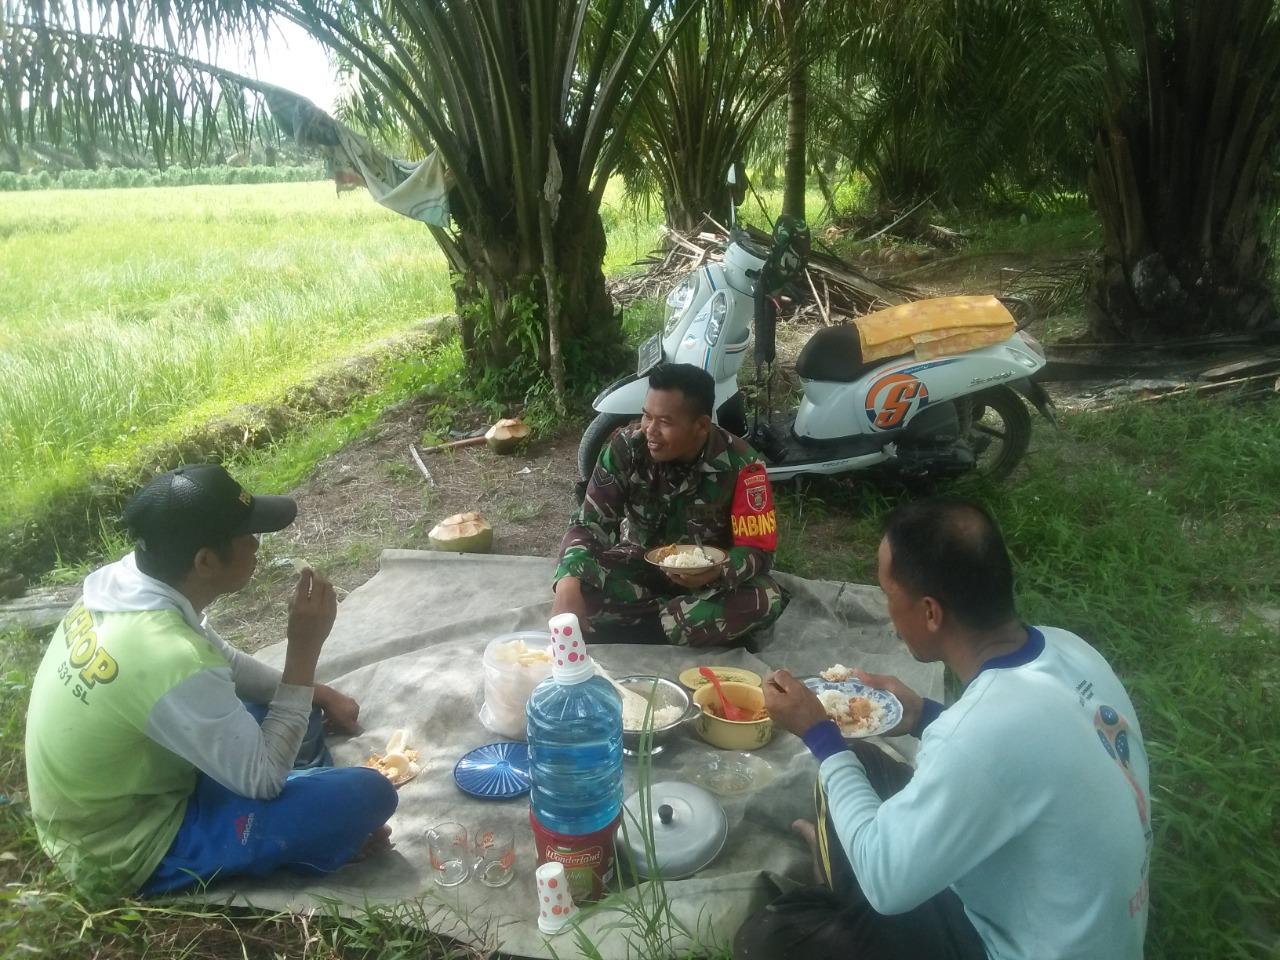 Bentuk Keharmonisan Seorang Babinsa dan Warganya di Saat Makan Siang Bersama di Tengah Sawah